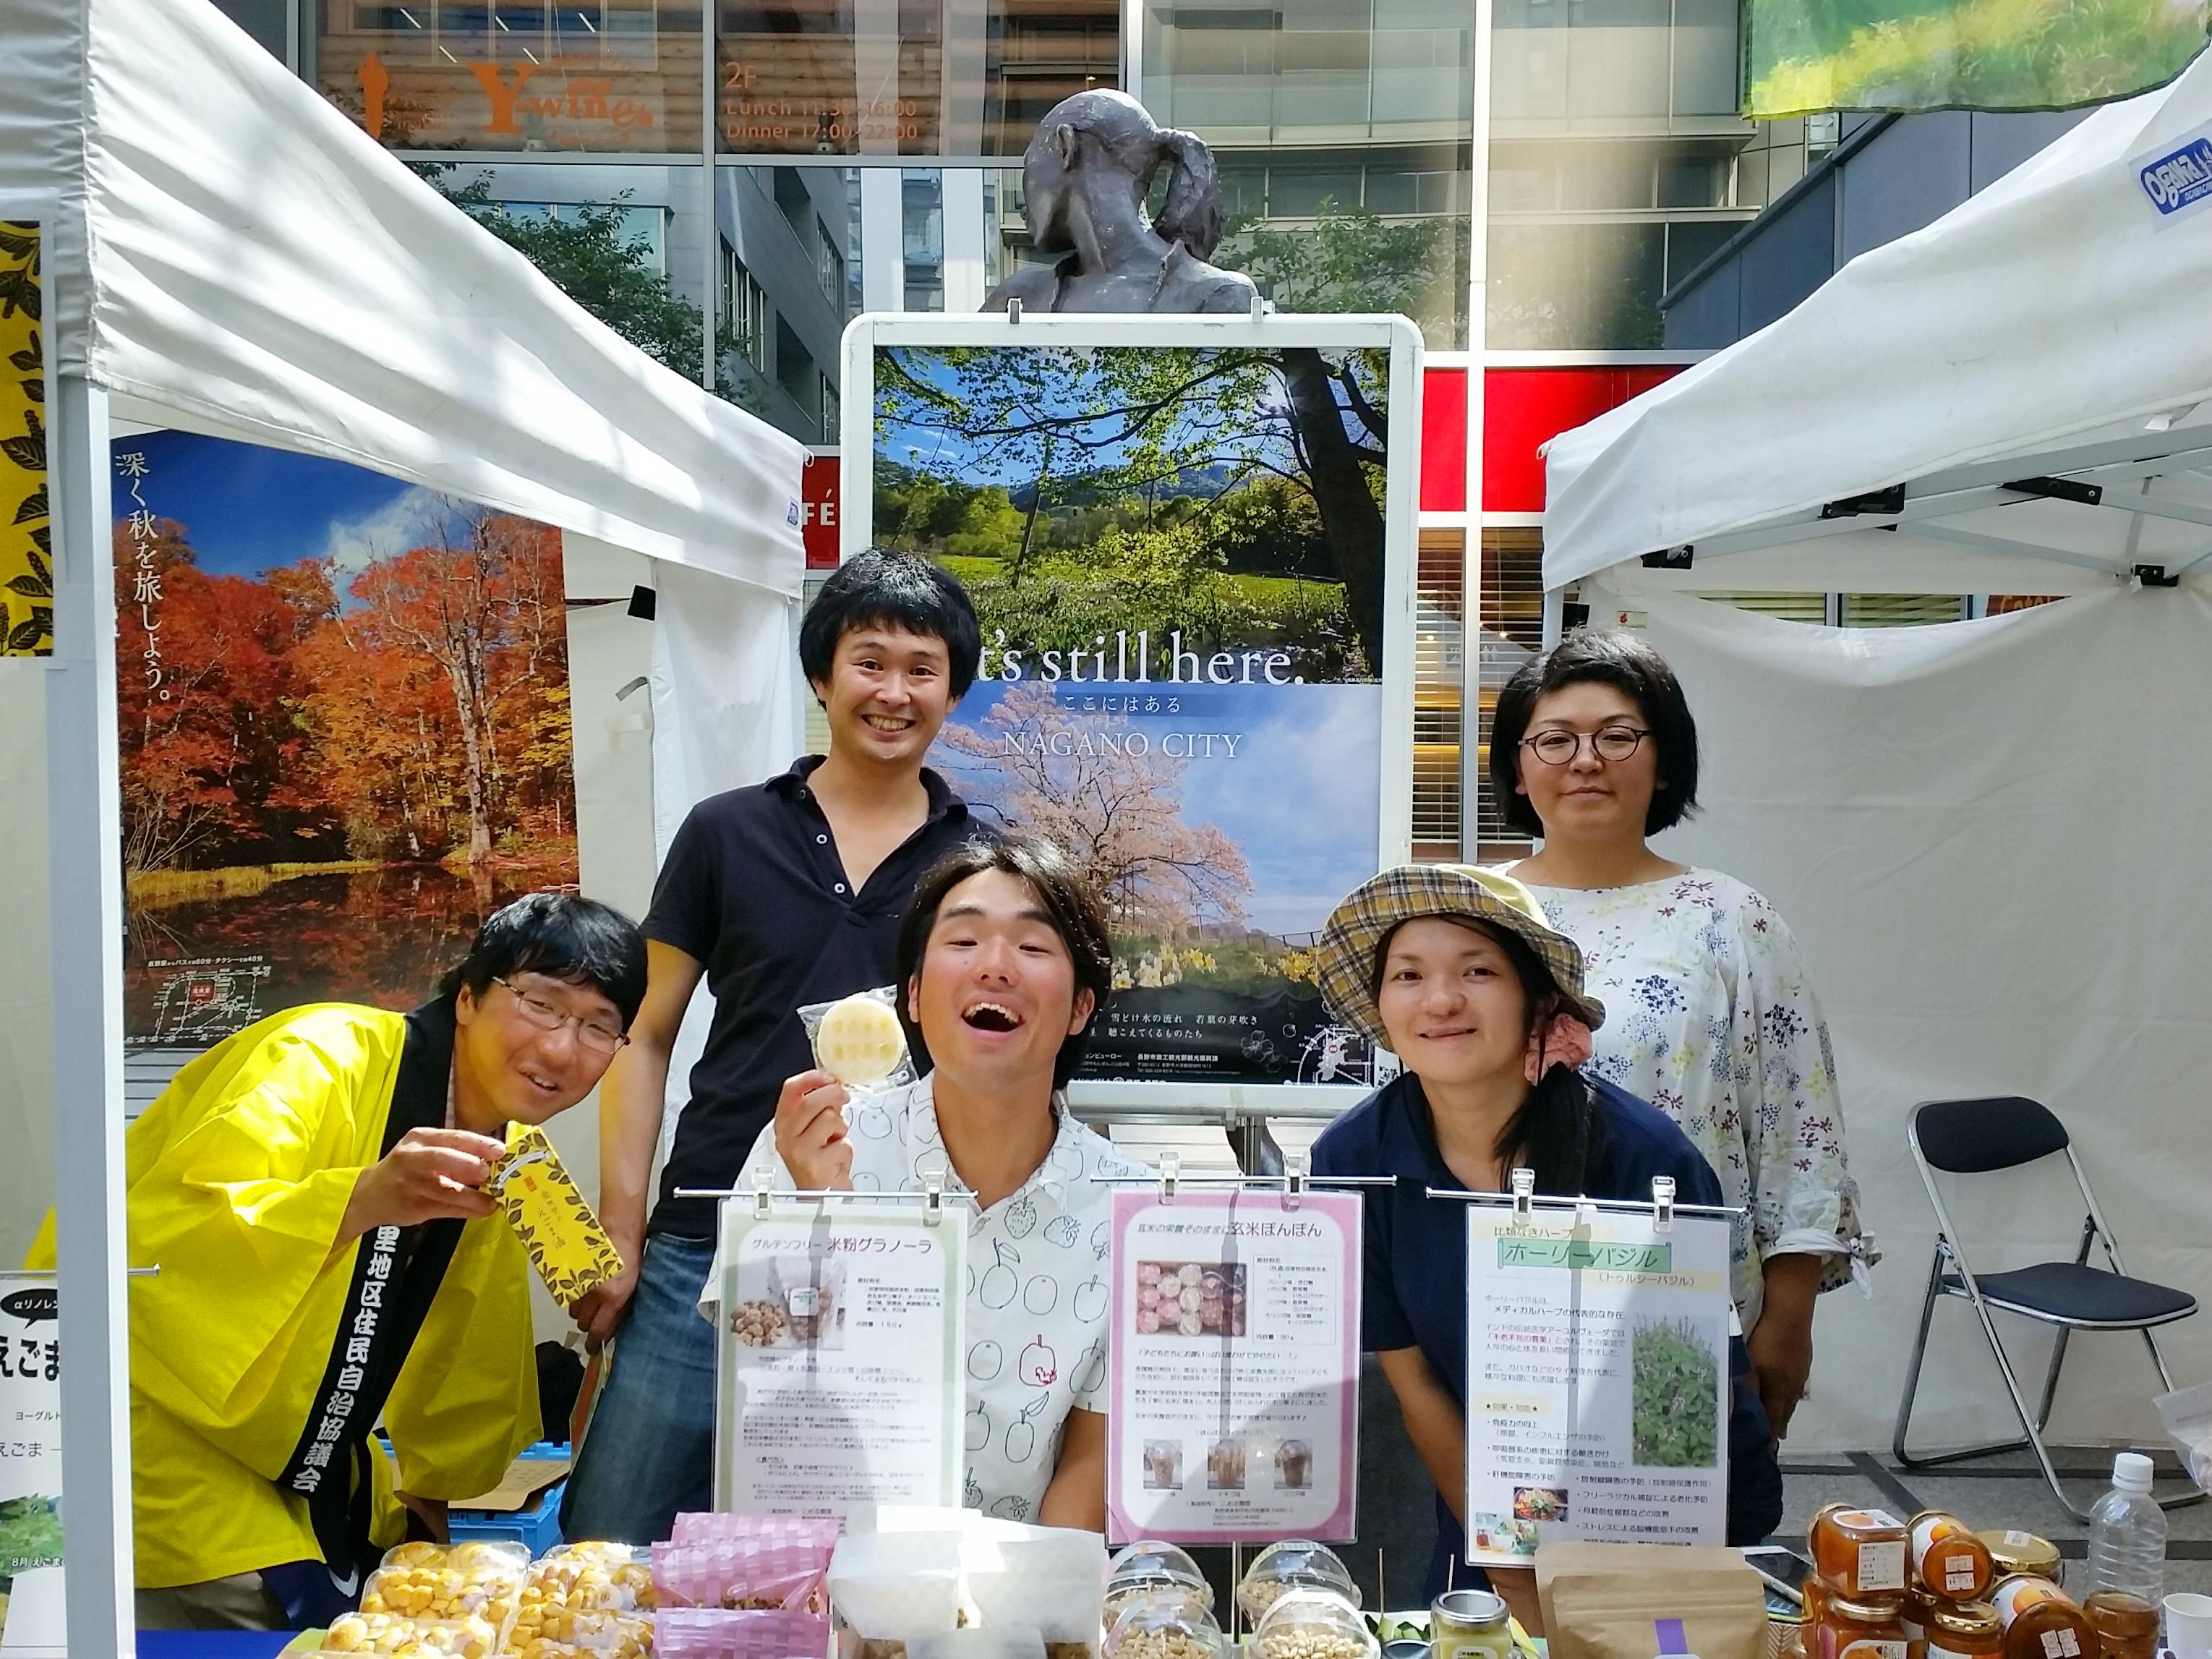 長野市地域おこし協力隊員のイベント風景